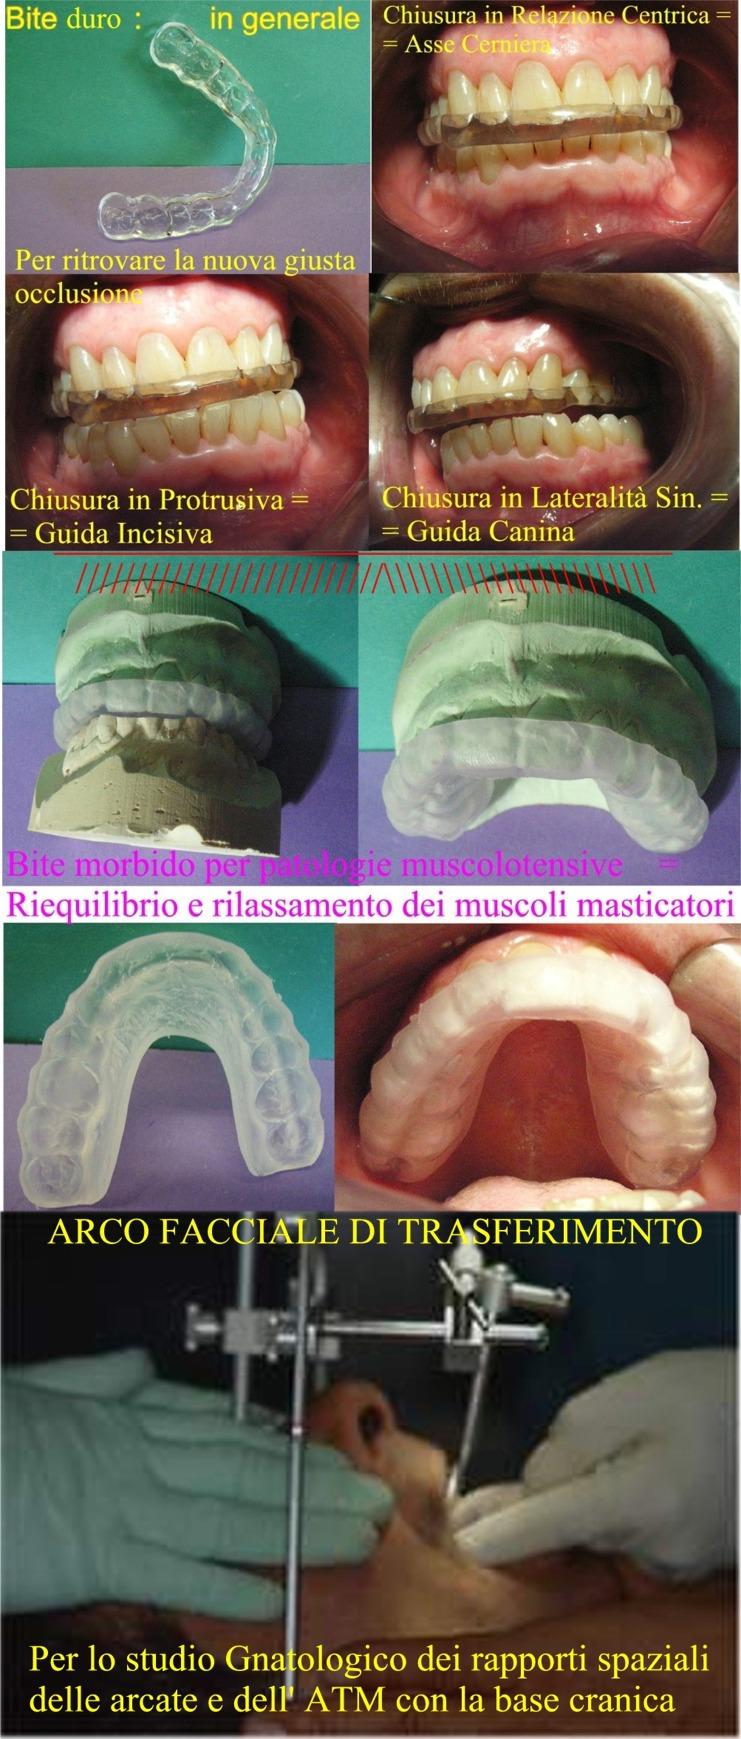 Diversi tipi di Bite ed Arco Facciale di Trasferimento per articolatore a valore medio per studio serio Gnatologico. Da Casistica del Dr. Gustavo Petti di Cagliari